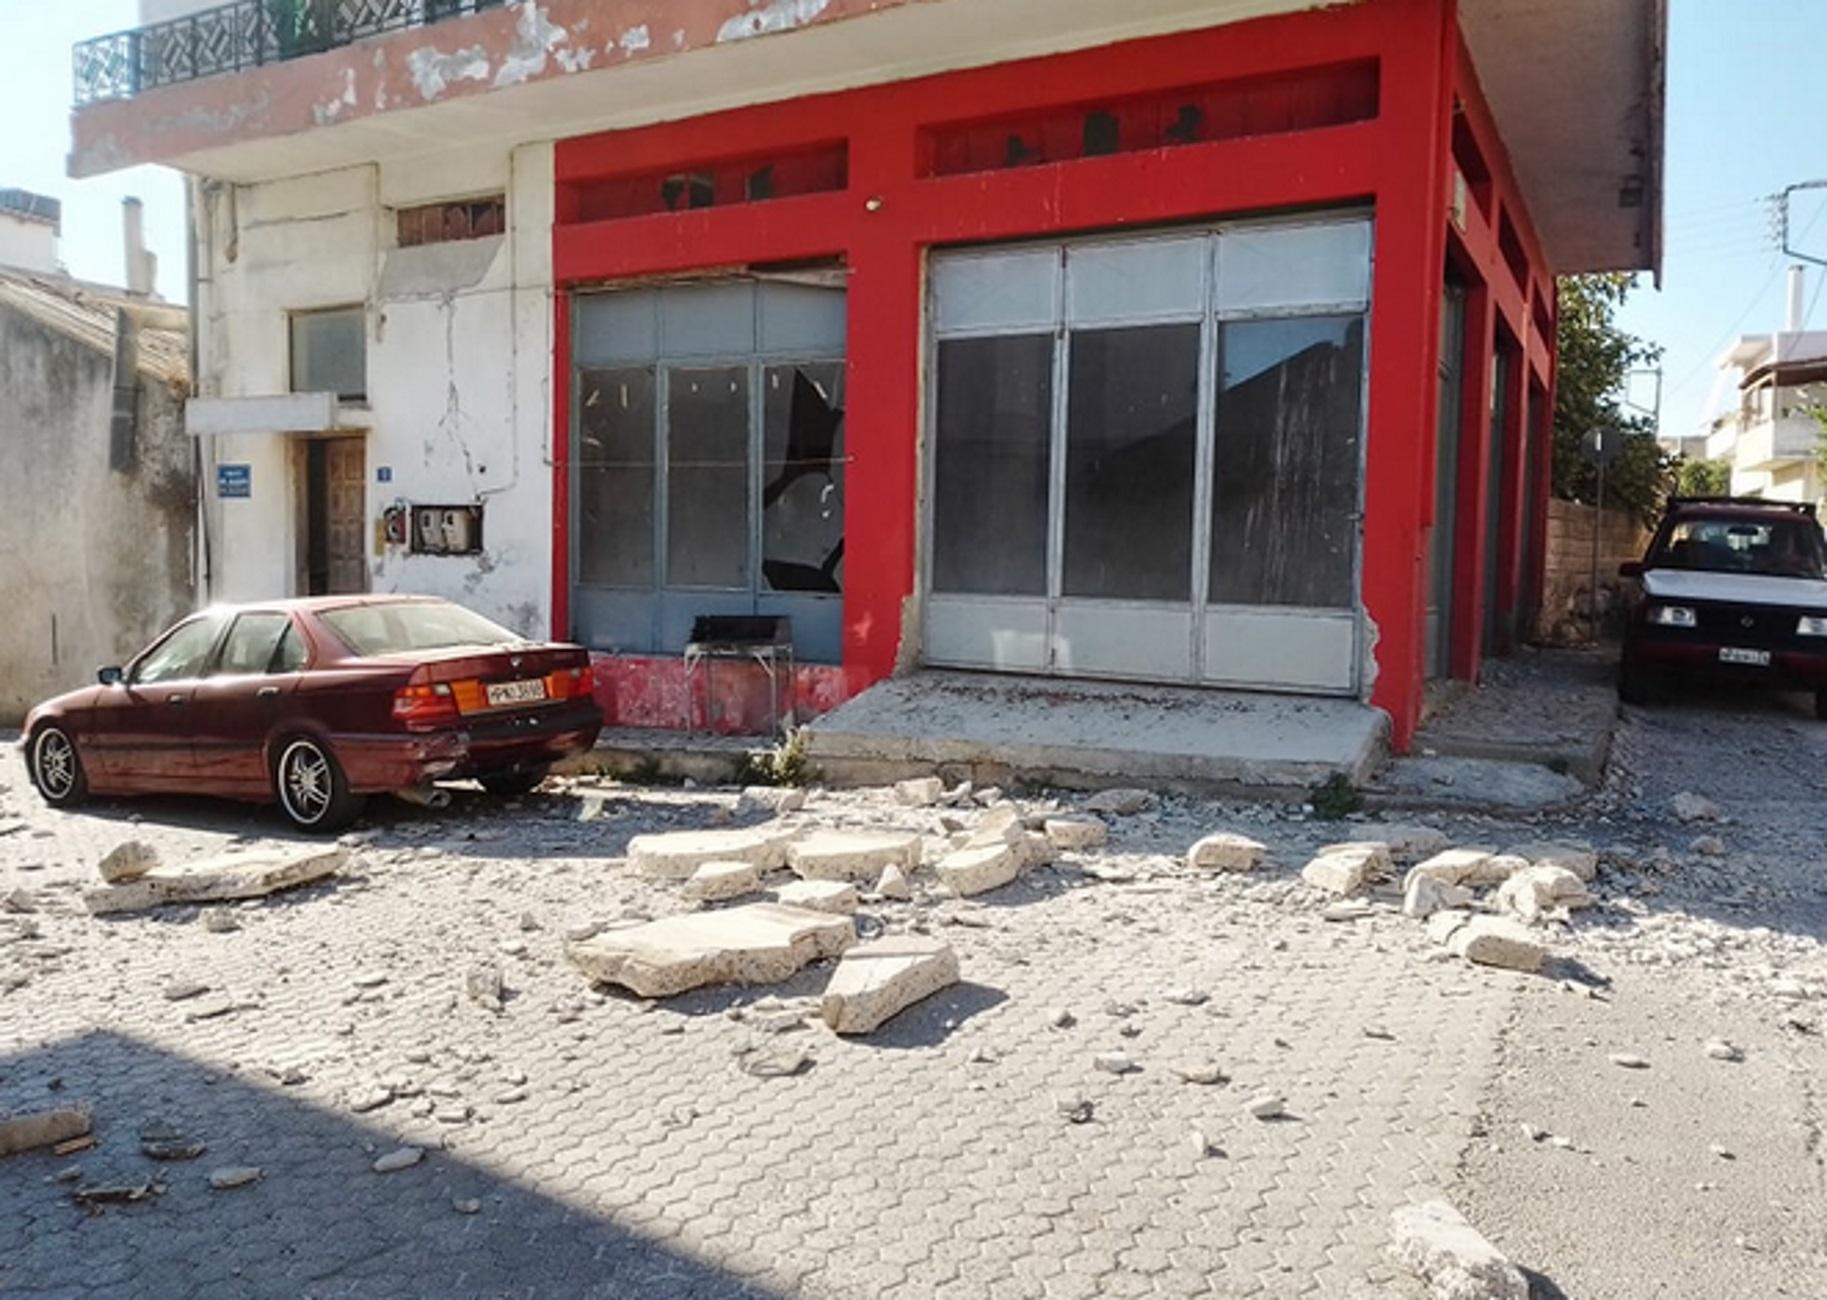 Σεισμός στην Κρήτη: Νέα ισχυρή δόνηση 4,6 Ρίχτερ στο Ηράκλειο